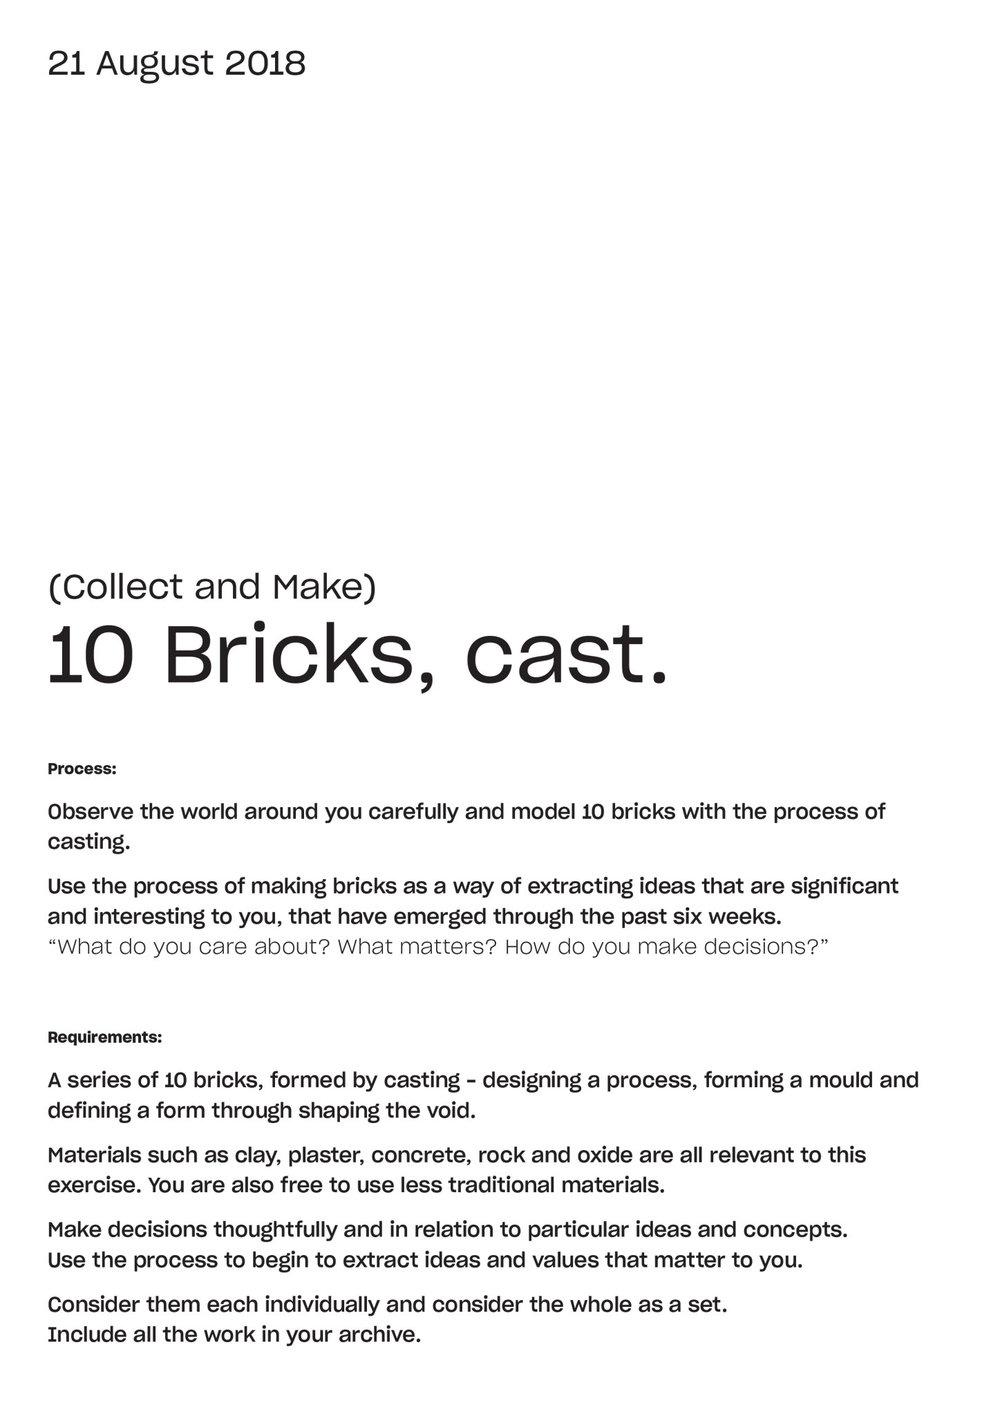 10-bricks,-cast.jpg